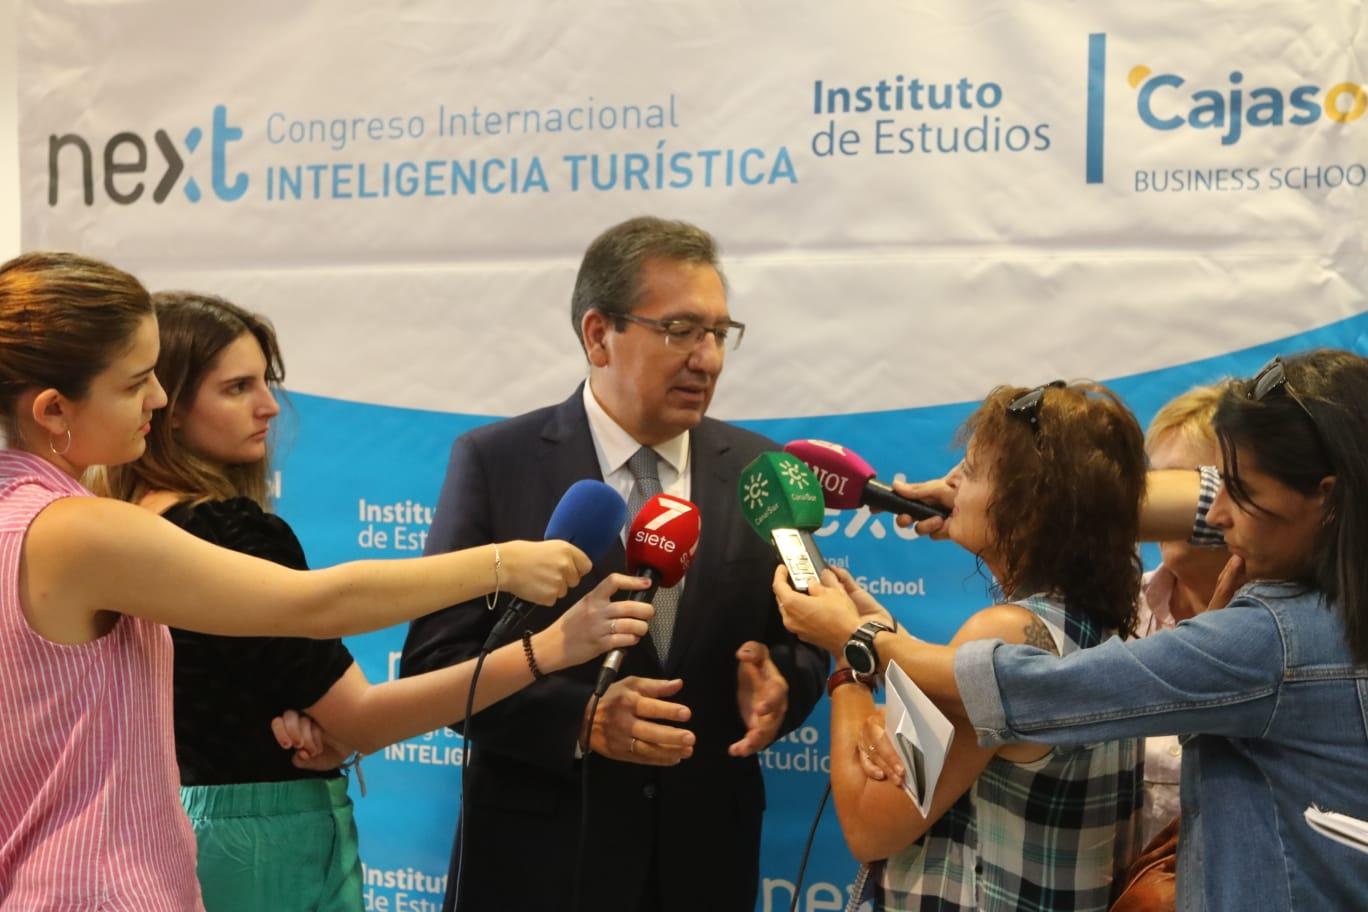 Antonio Pulido prensa